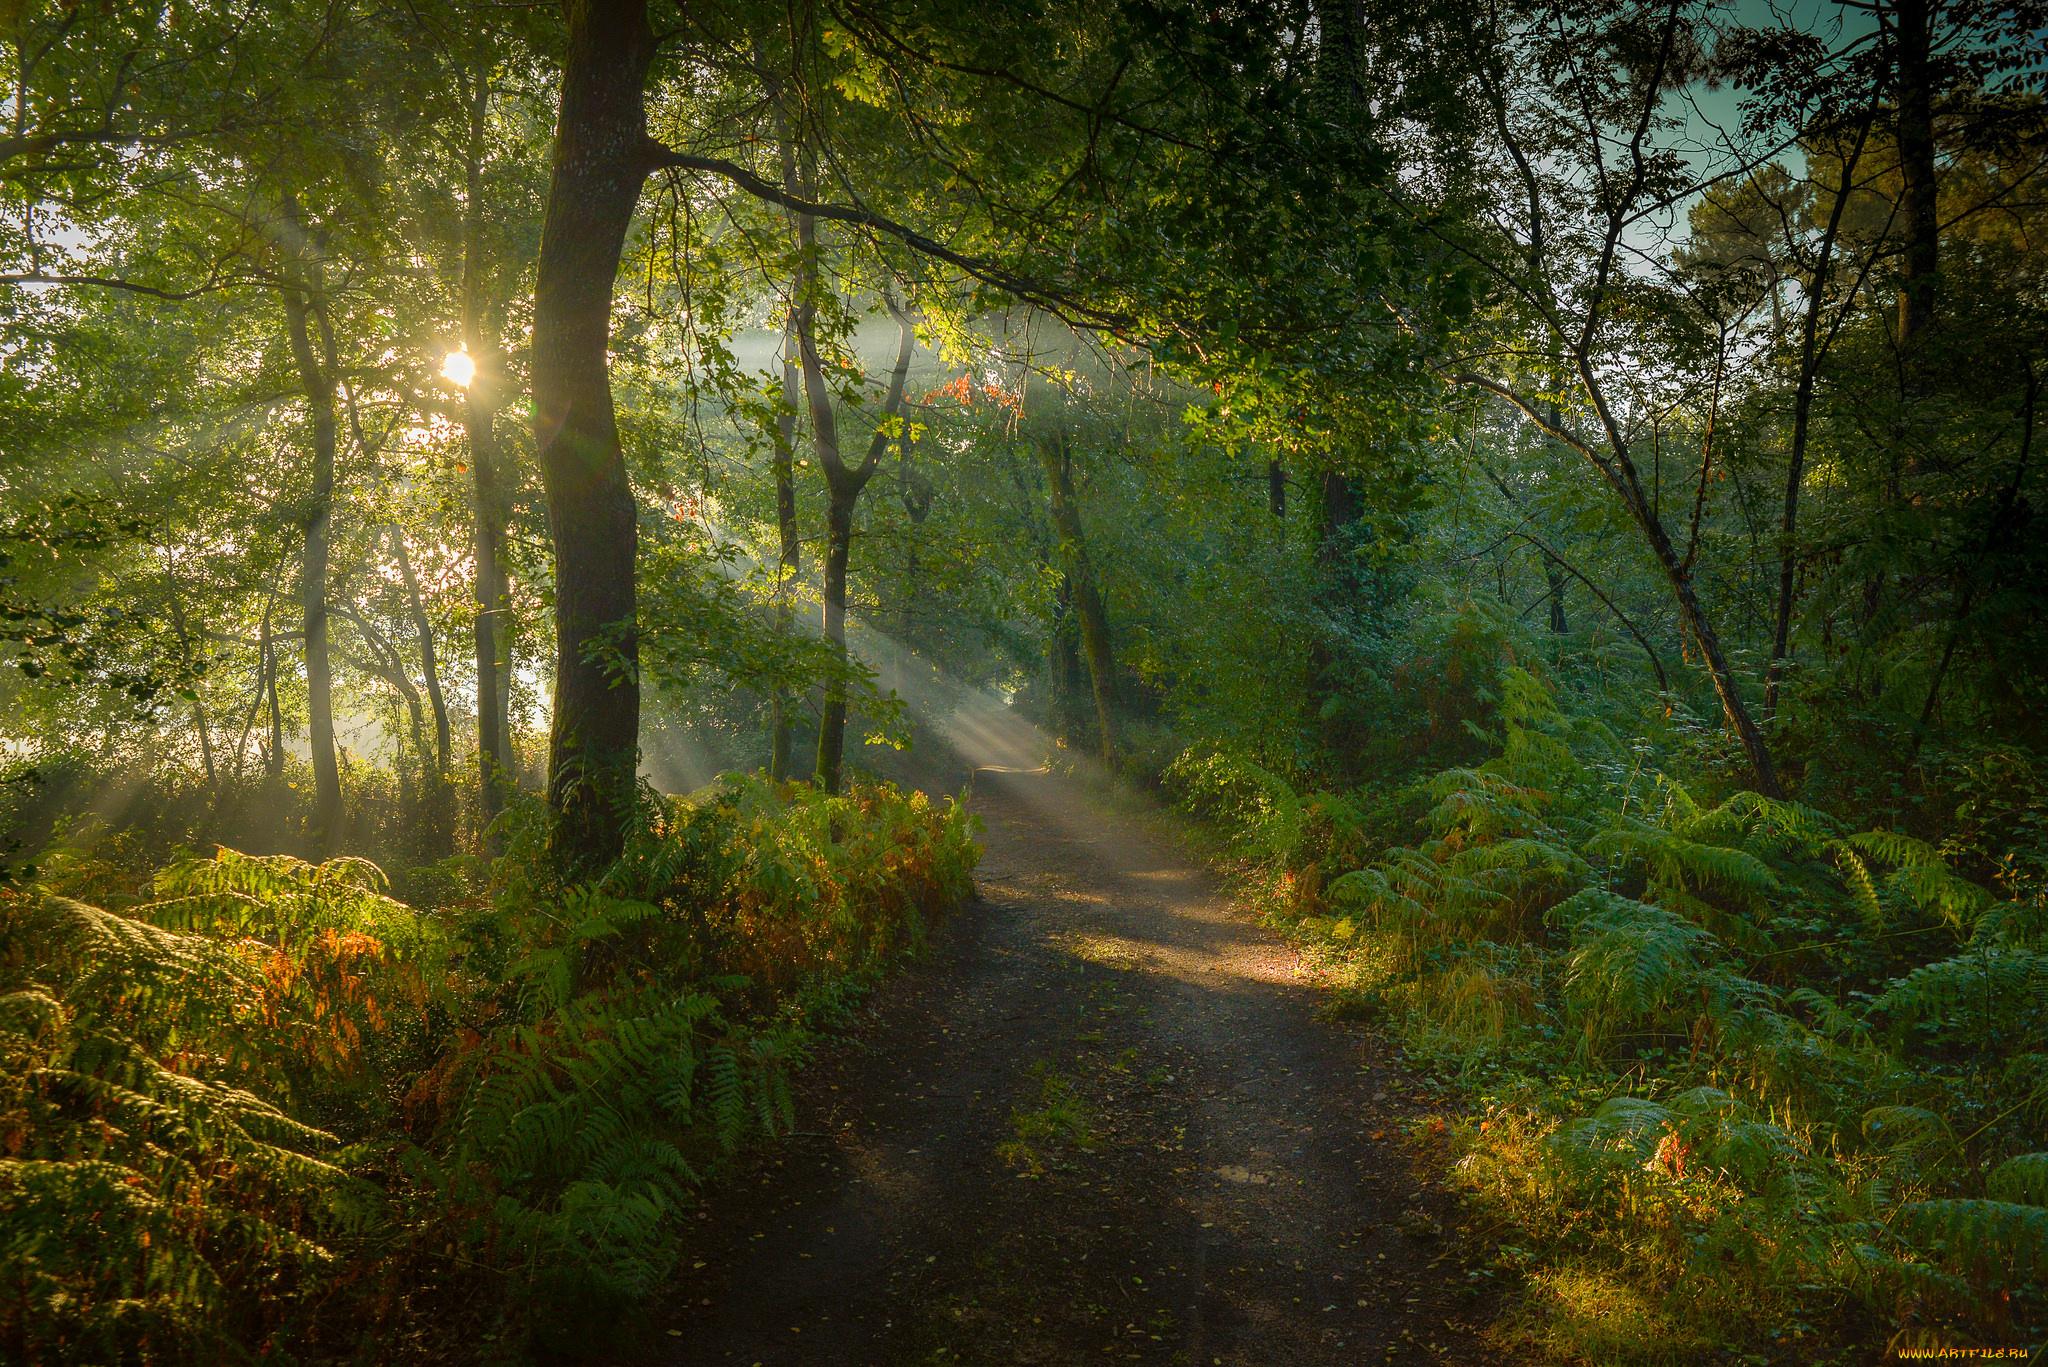 лес лучи солнце дорога бесплатно